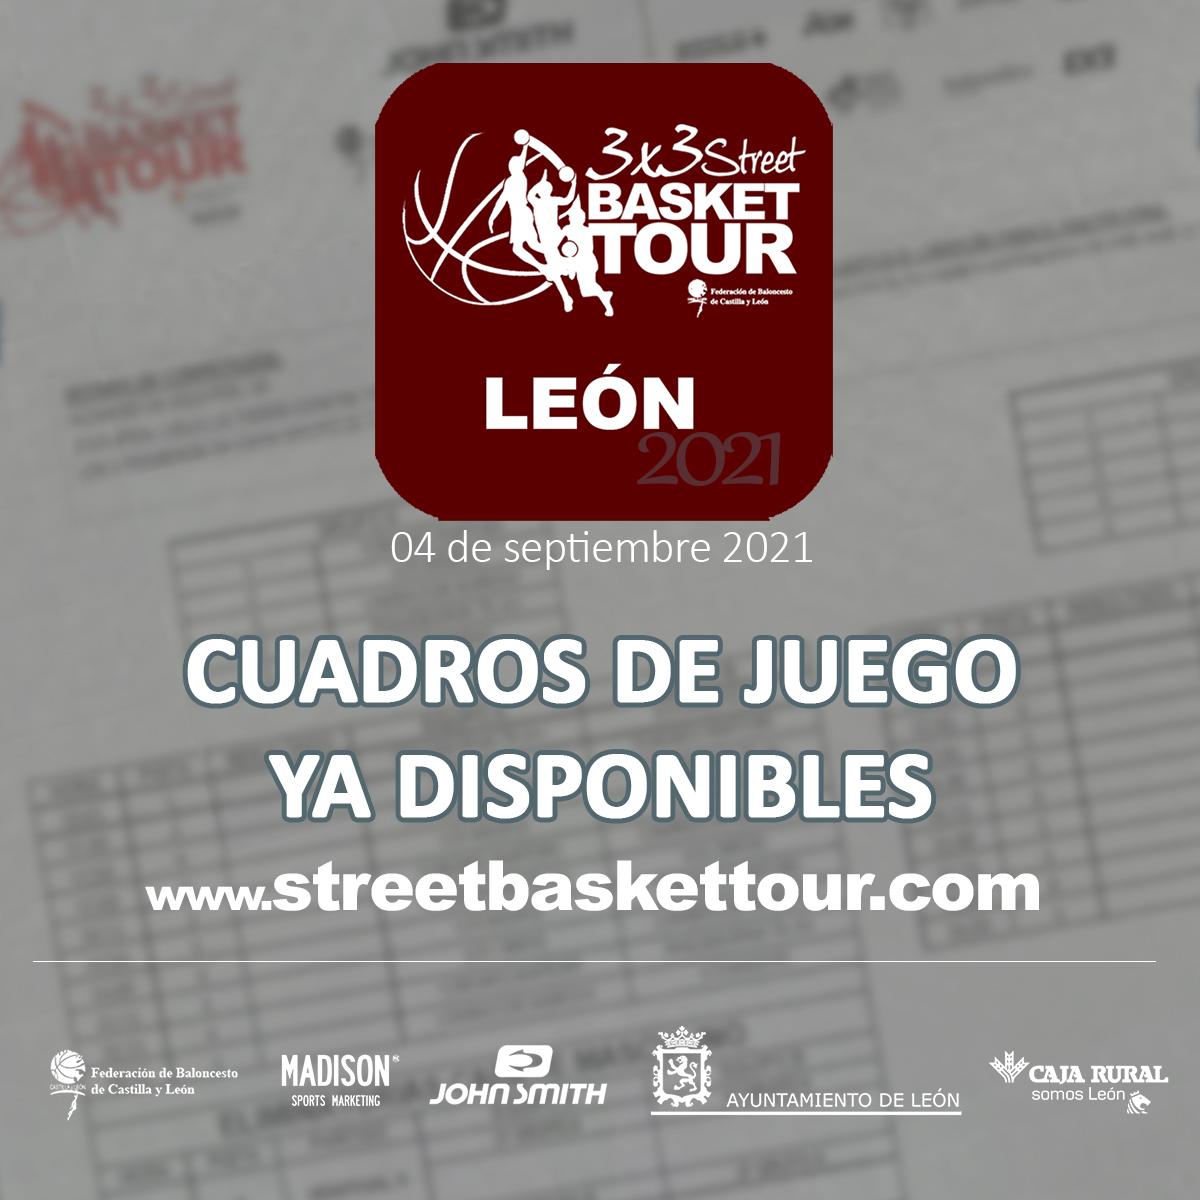 0902_3x3SBT2021_LEON-cuadrosjuego_IG-1200x1200